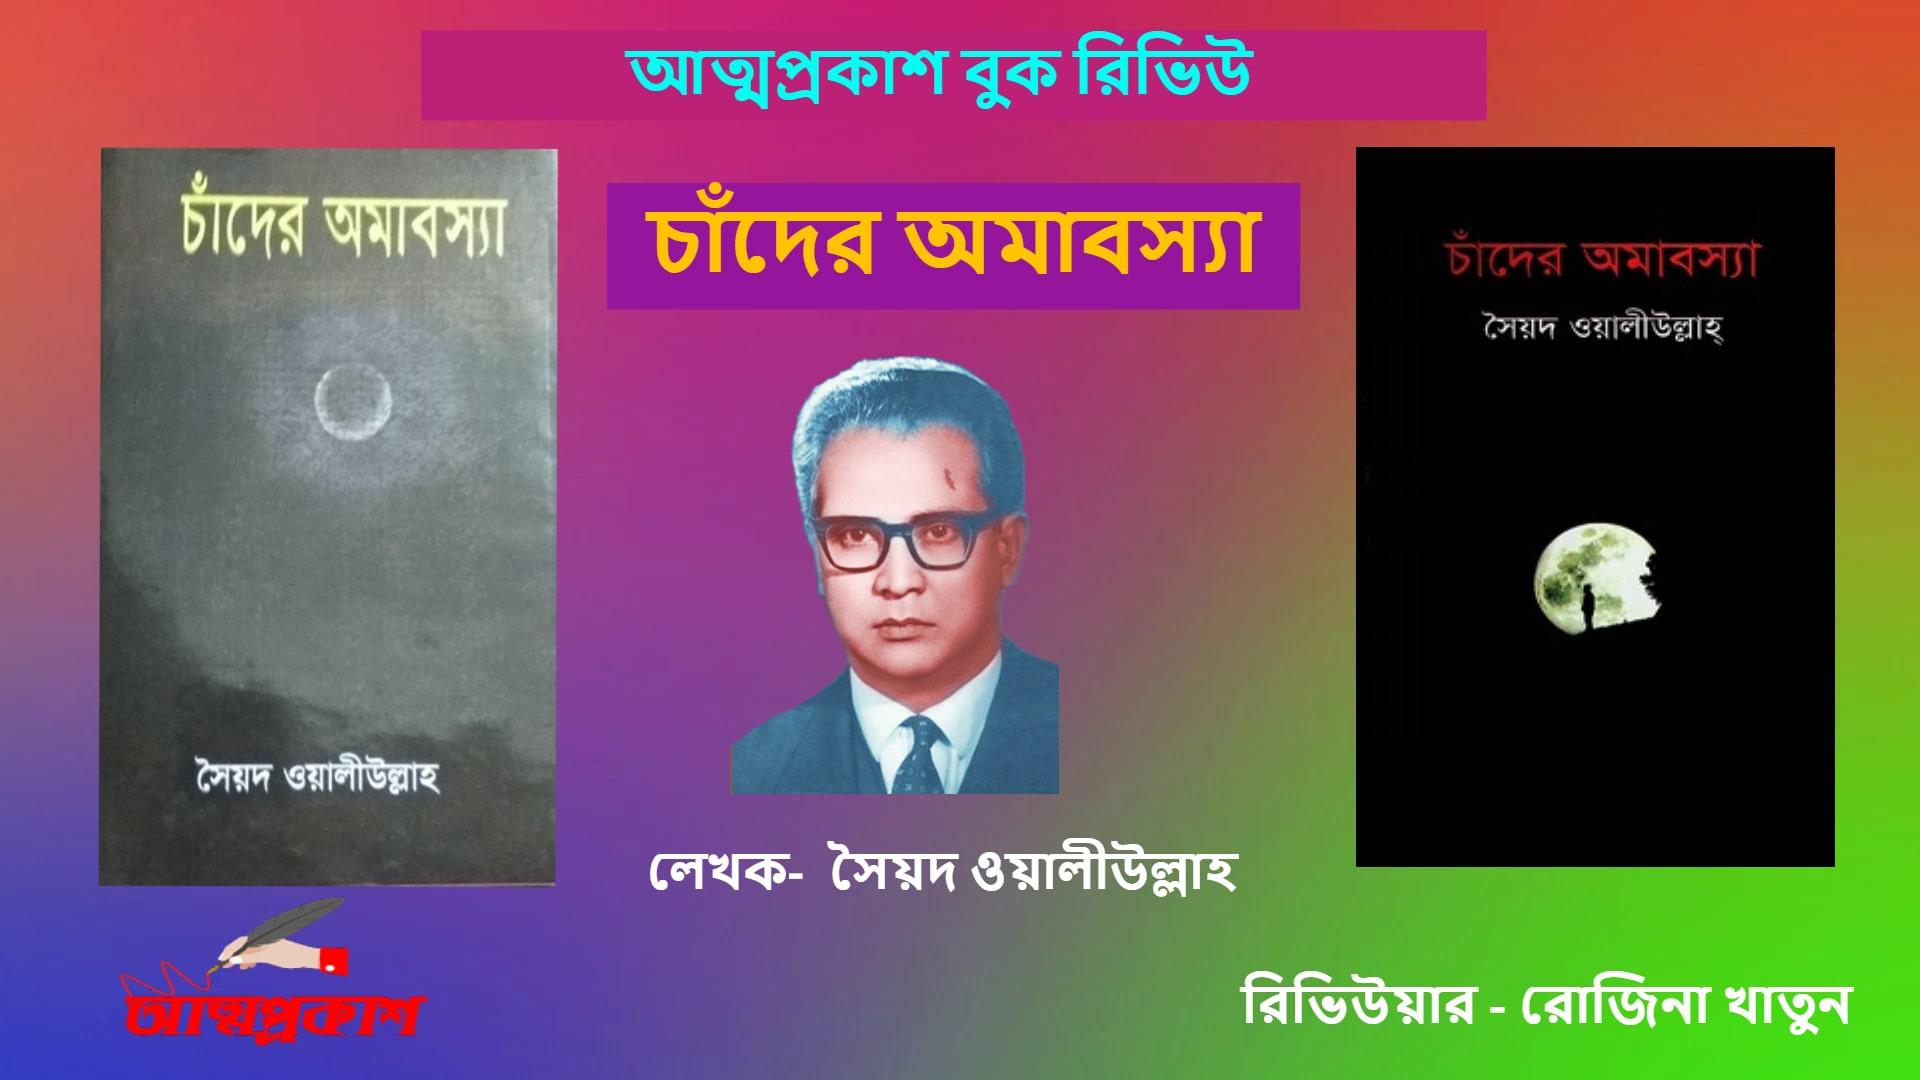 চাঁদের-অমাবস্যা-বুক-রিভিউ-সৈয়দ-ওয়ালীউল্লাহ-chader-amabasya-book-review-syed-waliullah-reviewer-rojina-khatun (1)-min